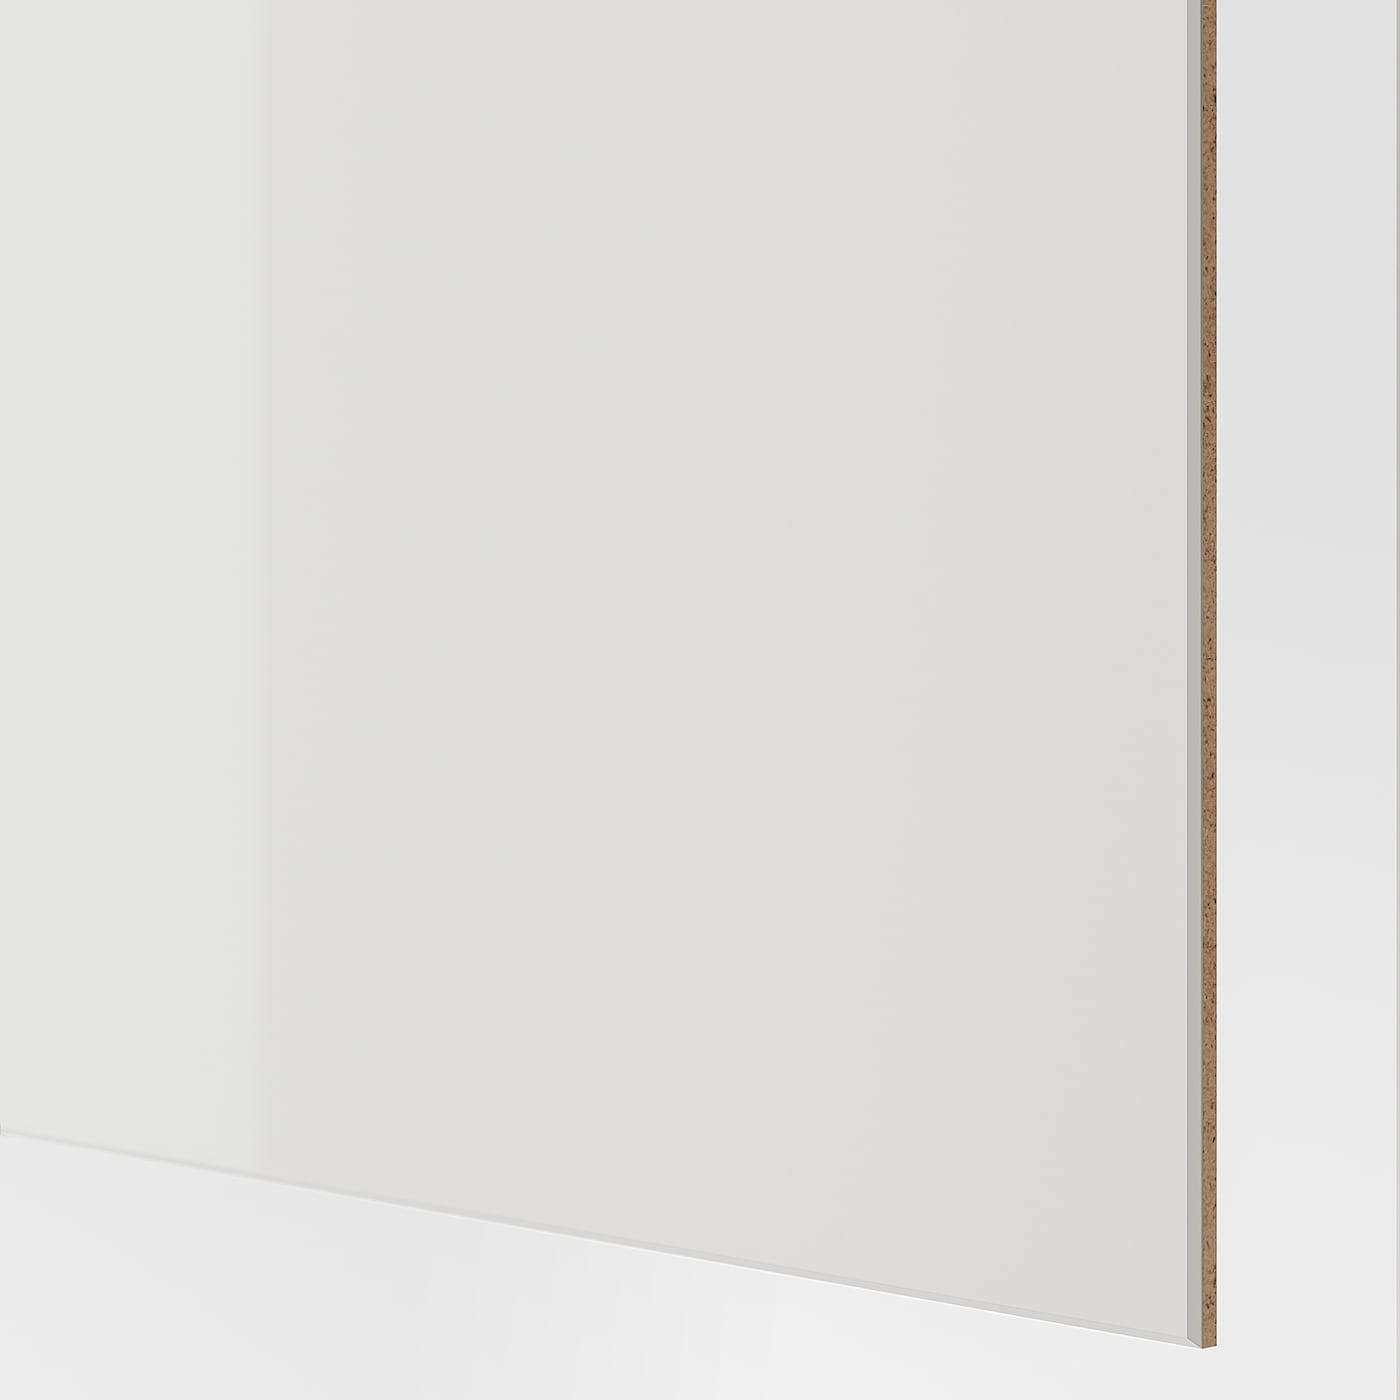 Hokksund زوج من أبواب منزلقة لامع رمادي فاتح Ikea